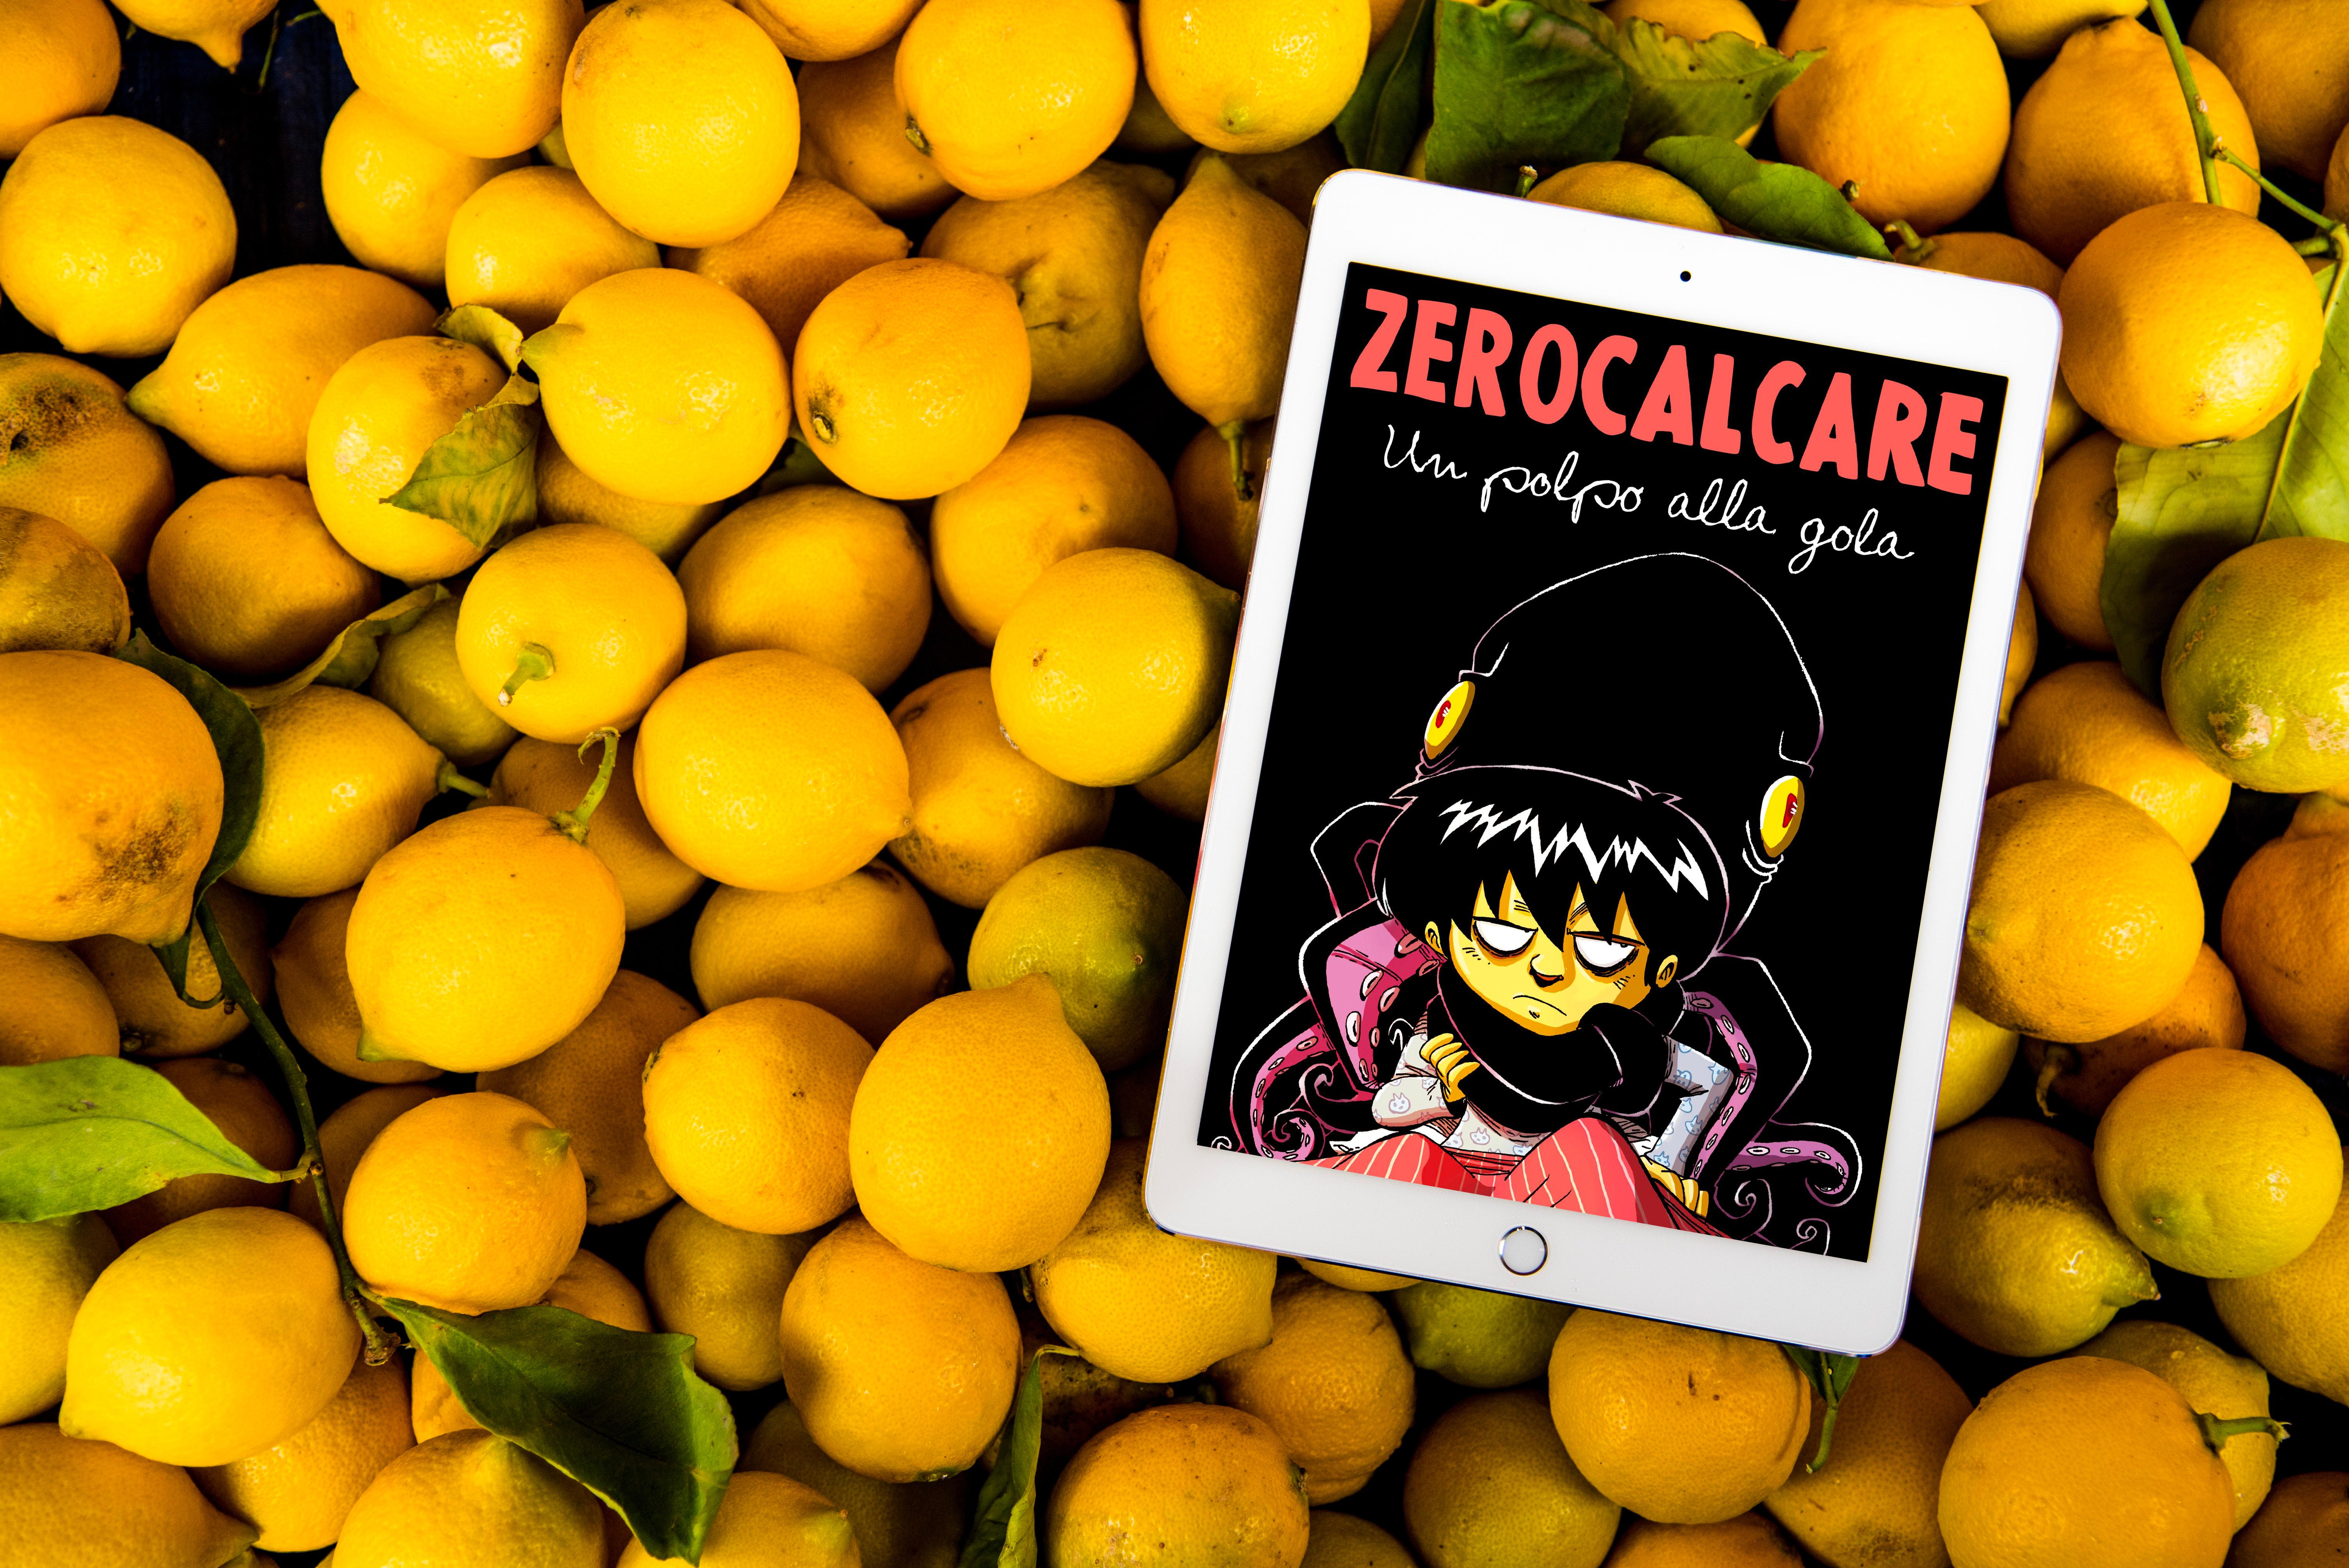 3 fumetti, graphic novel, libri illustrati: un polpo alla gola di ZEROCALCARE